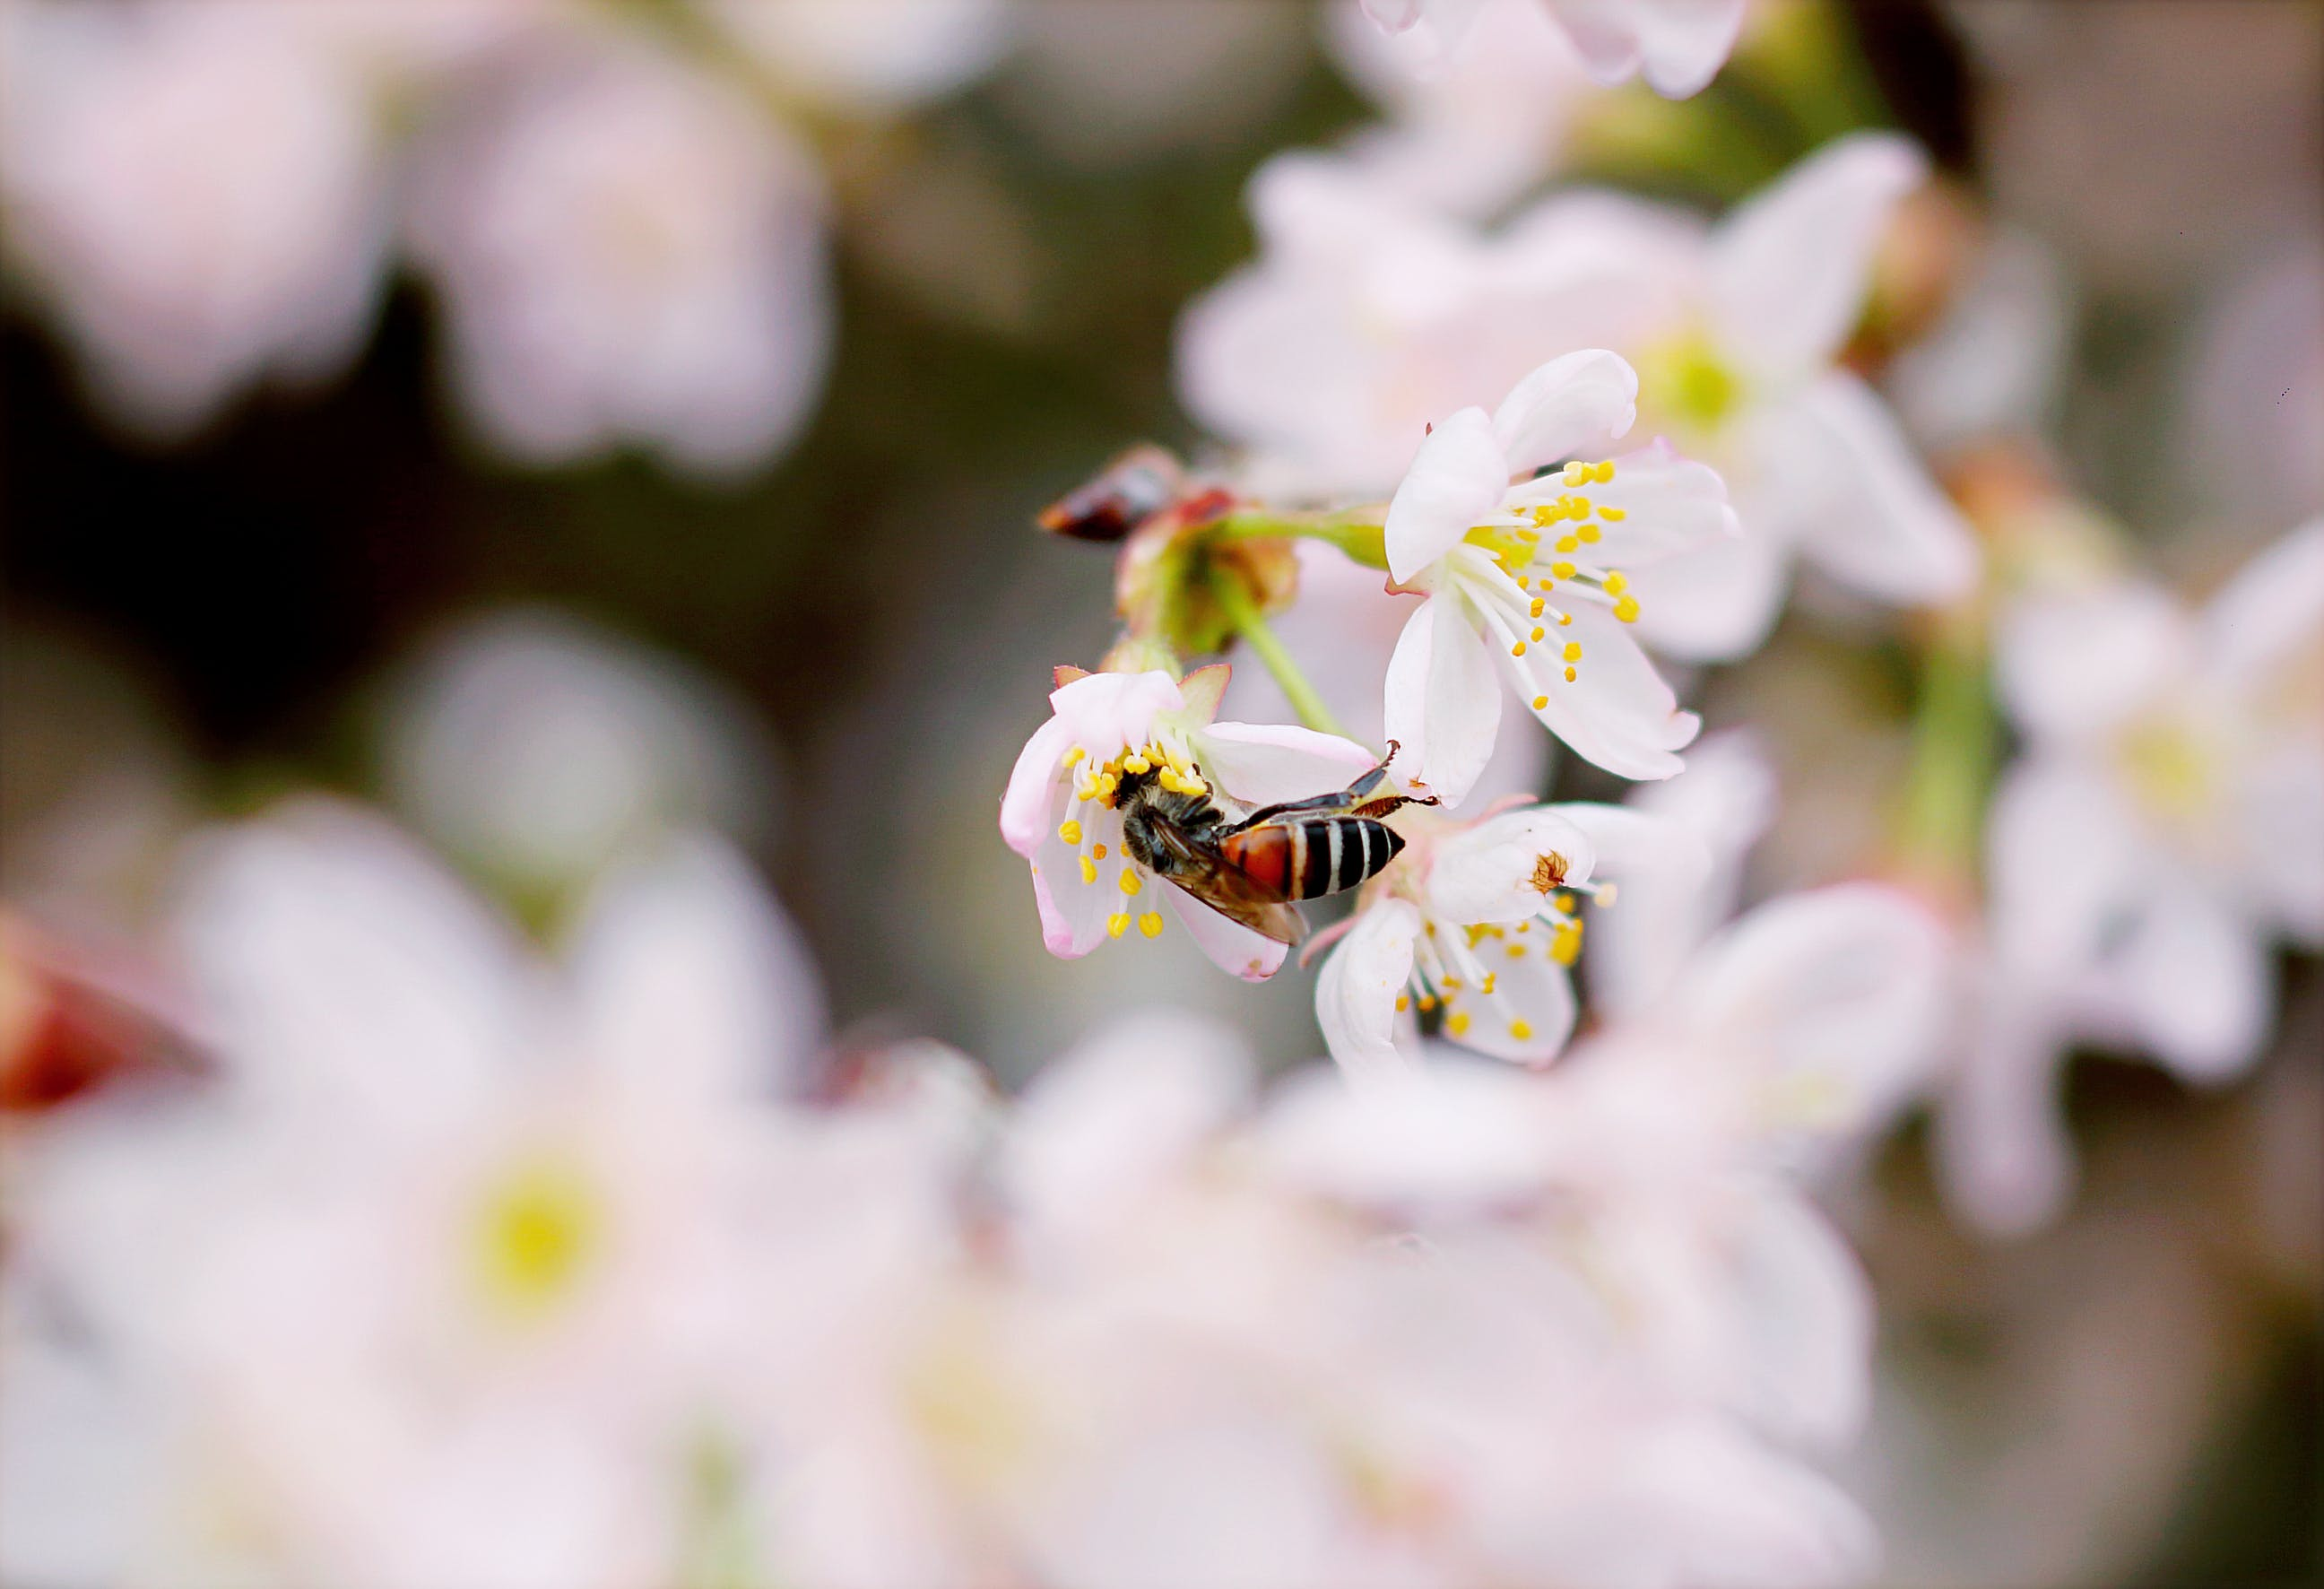 곤충, 꽃, 꽃이 피는, 꽃잎의 무료 스톡 사진